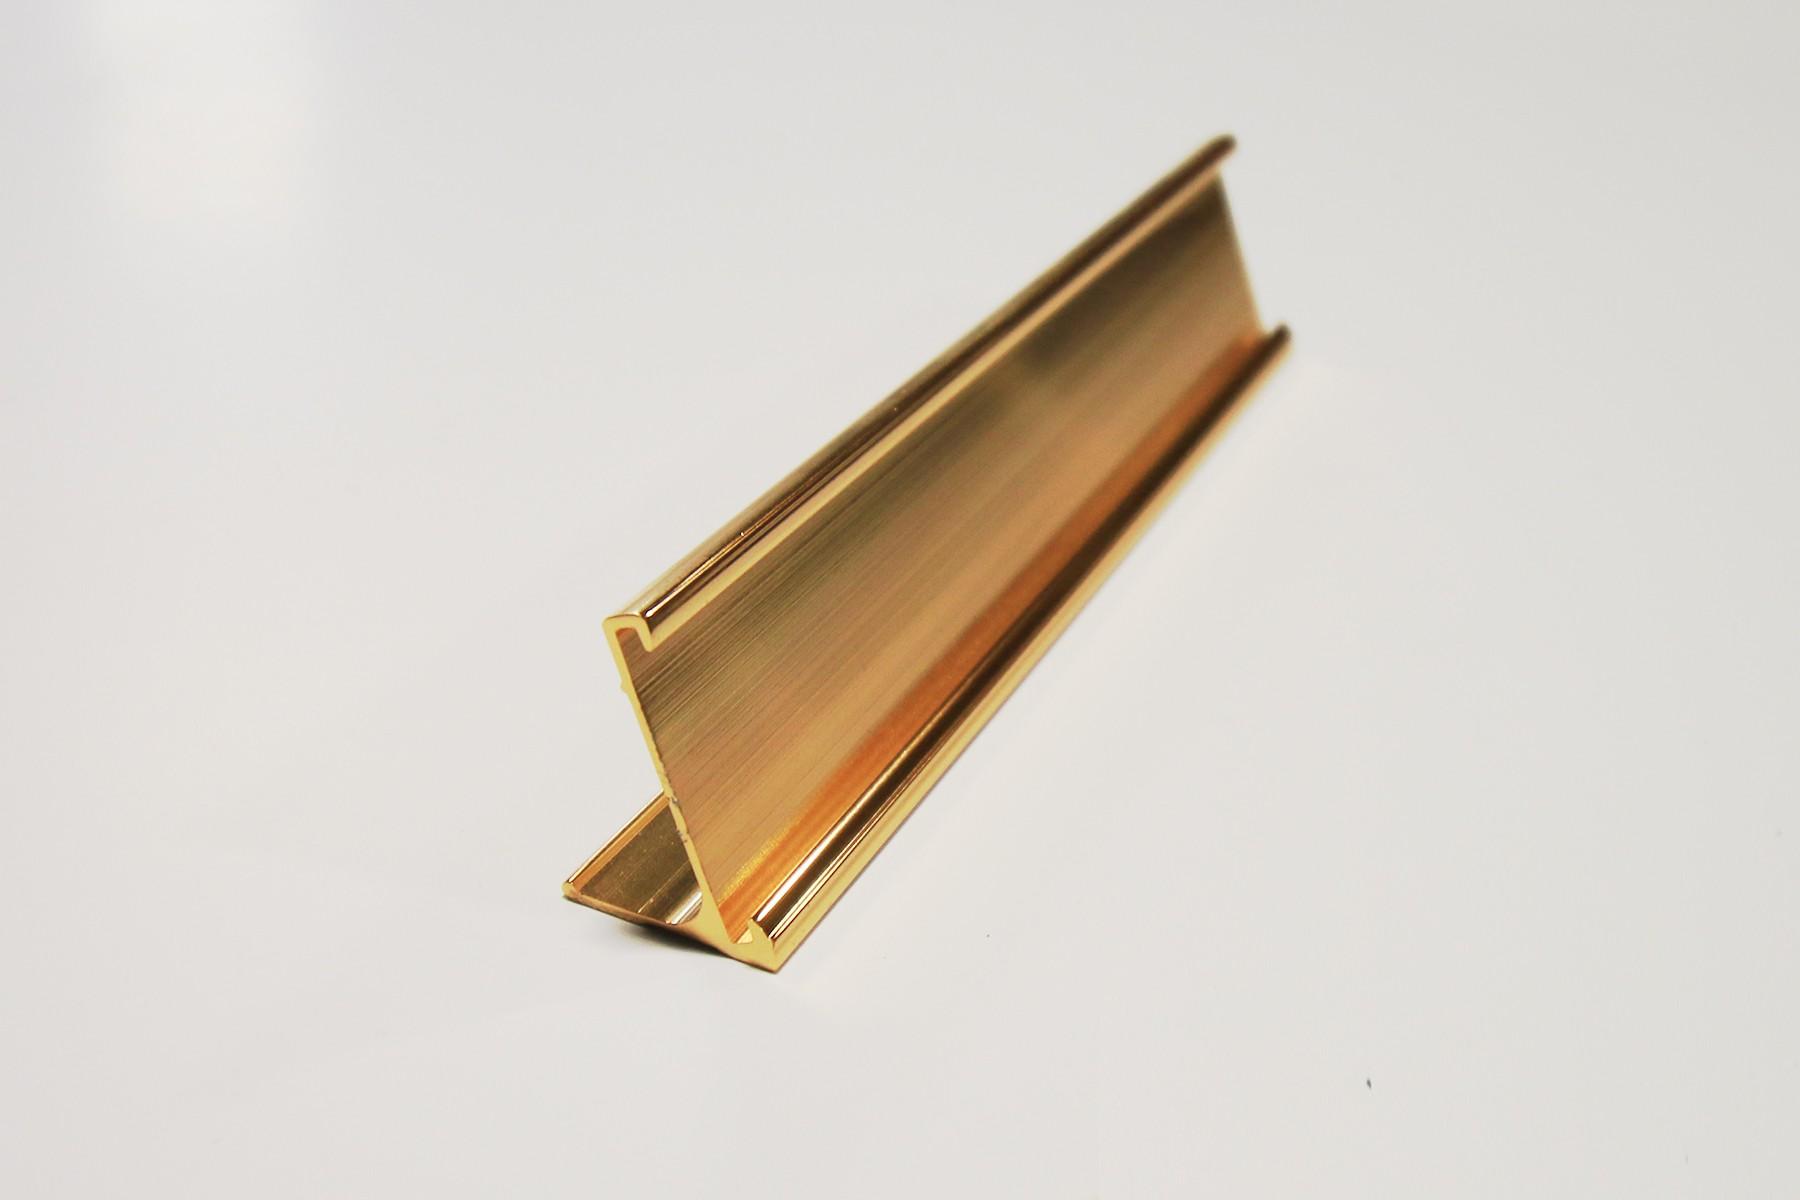 1 x 6 Desk Holder, Gold